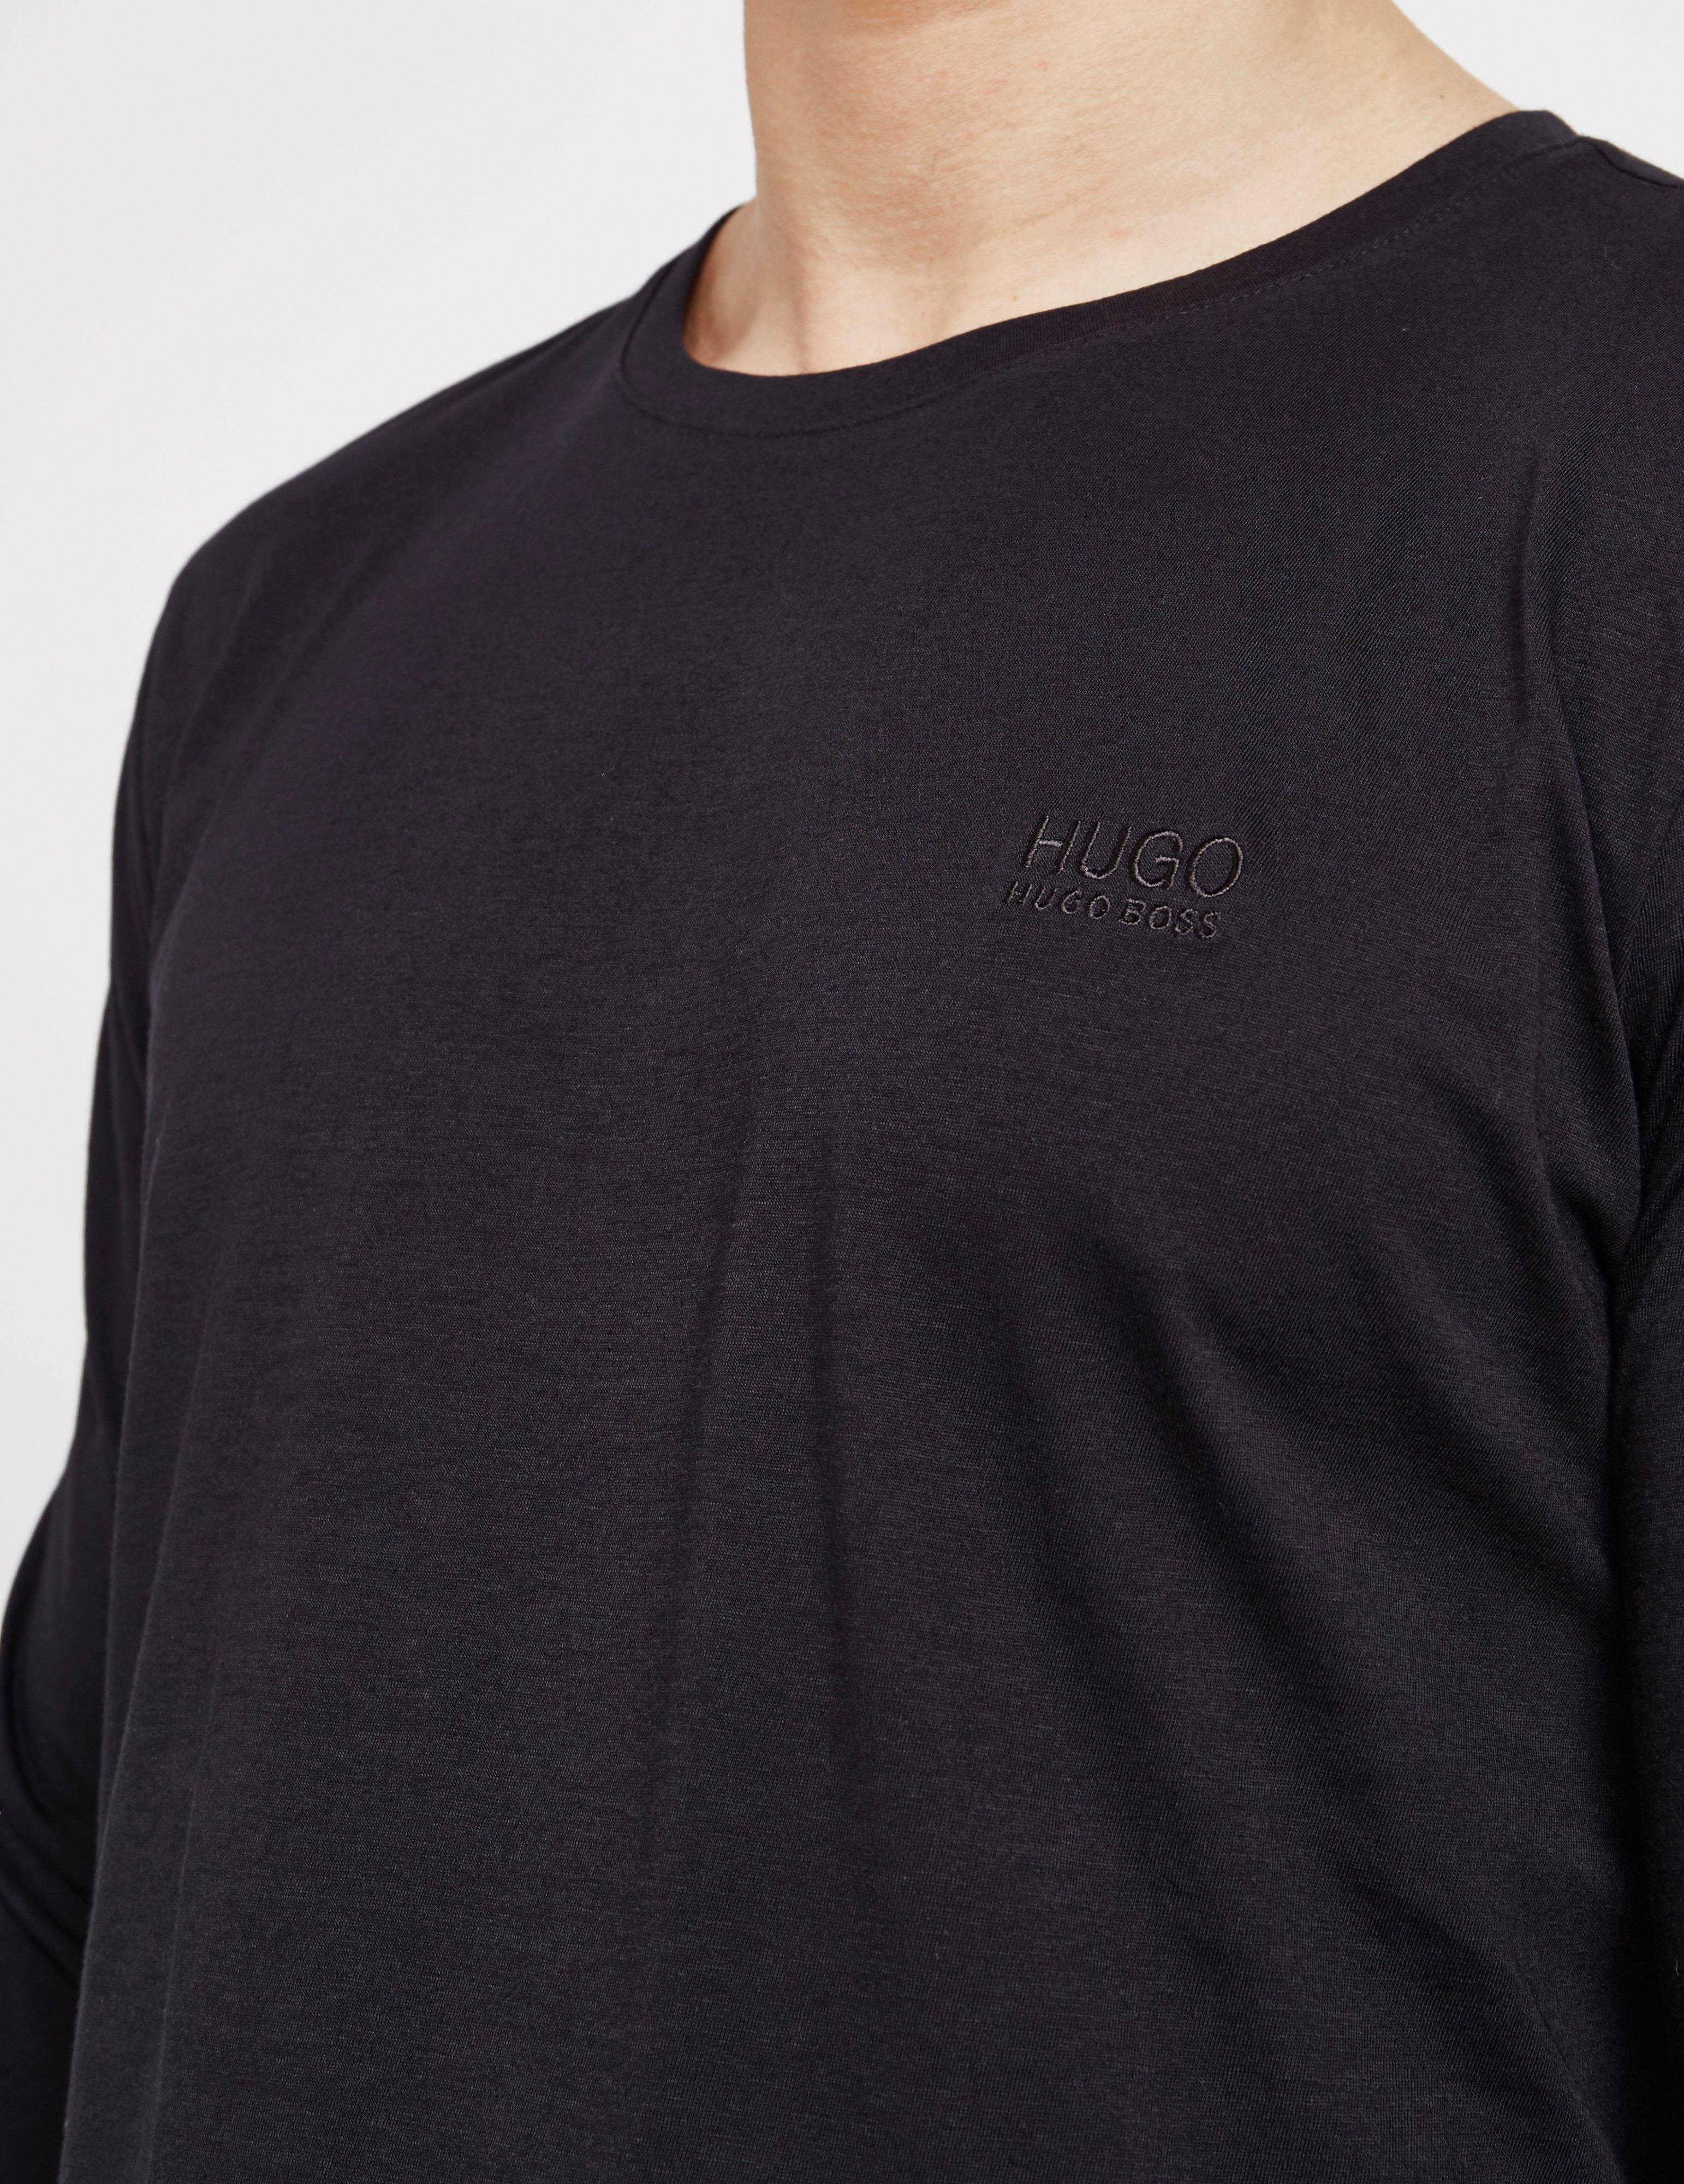 e74ed5e1a HUGO Derol Long Sleeve T-shirt Black in Black for Men - Lyst